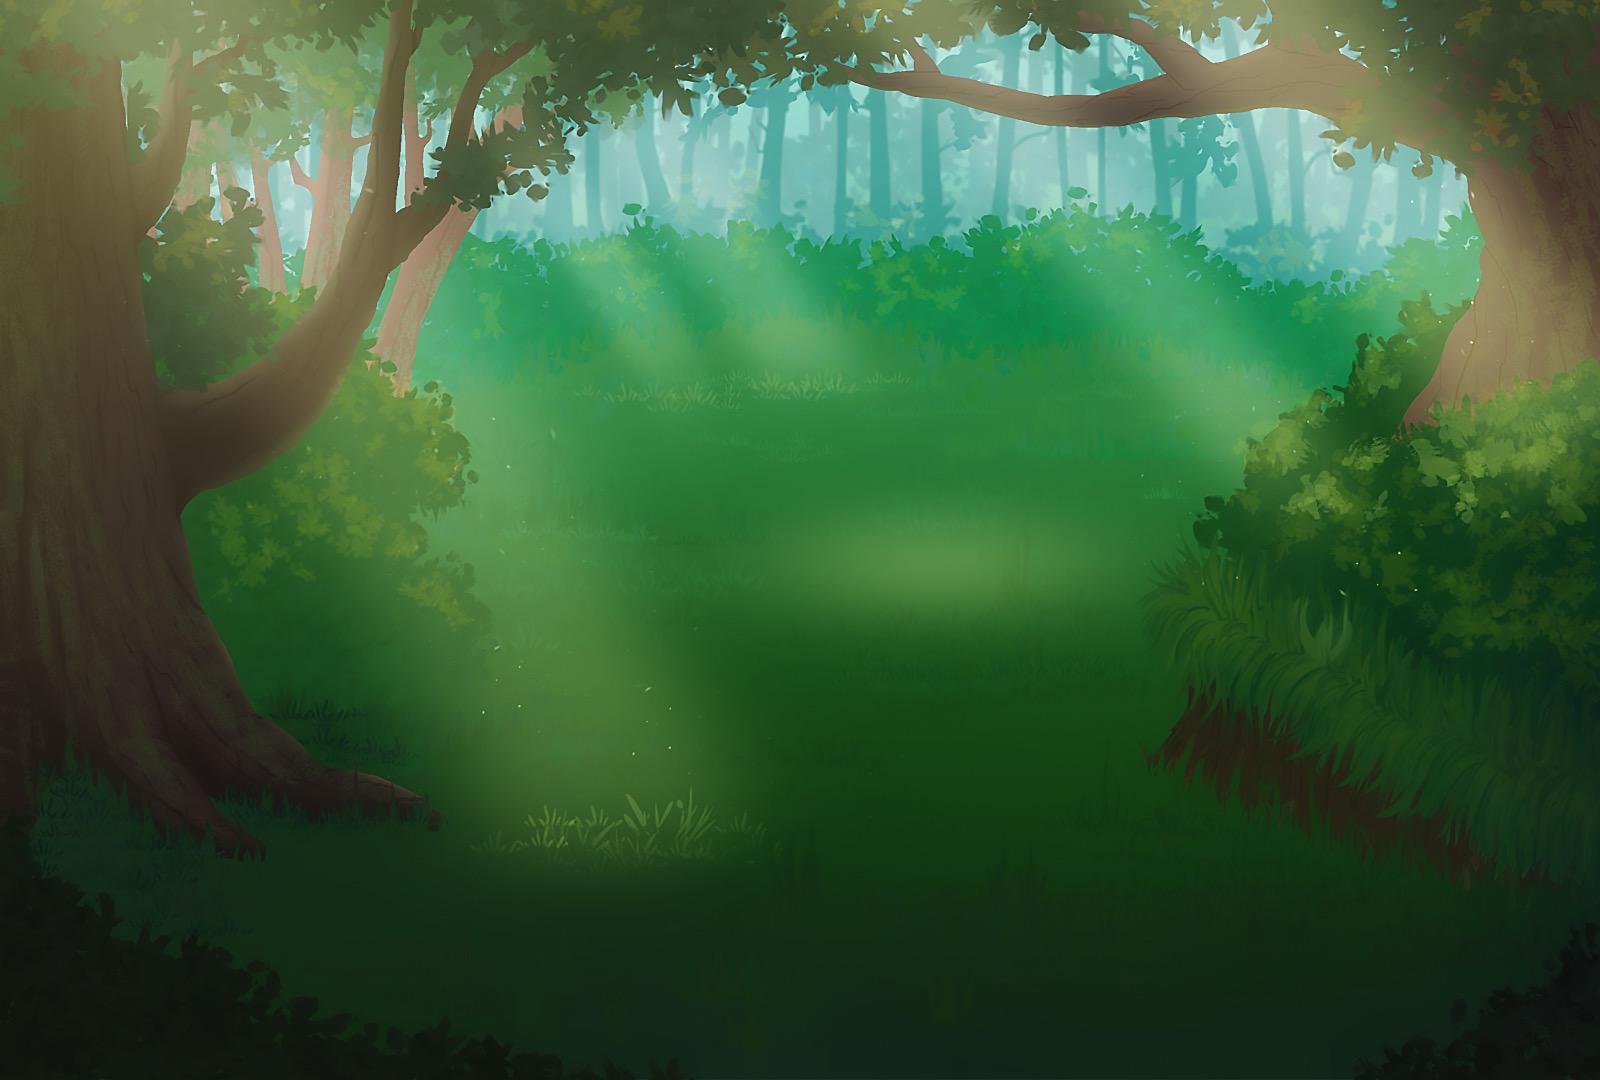 Начальный вид локации Лес | Продолжается набор в команду для разработки игры «Нирмита»: 2D Survival RPG в стиле Fantasy